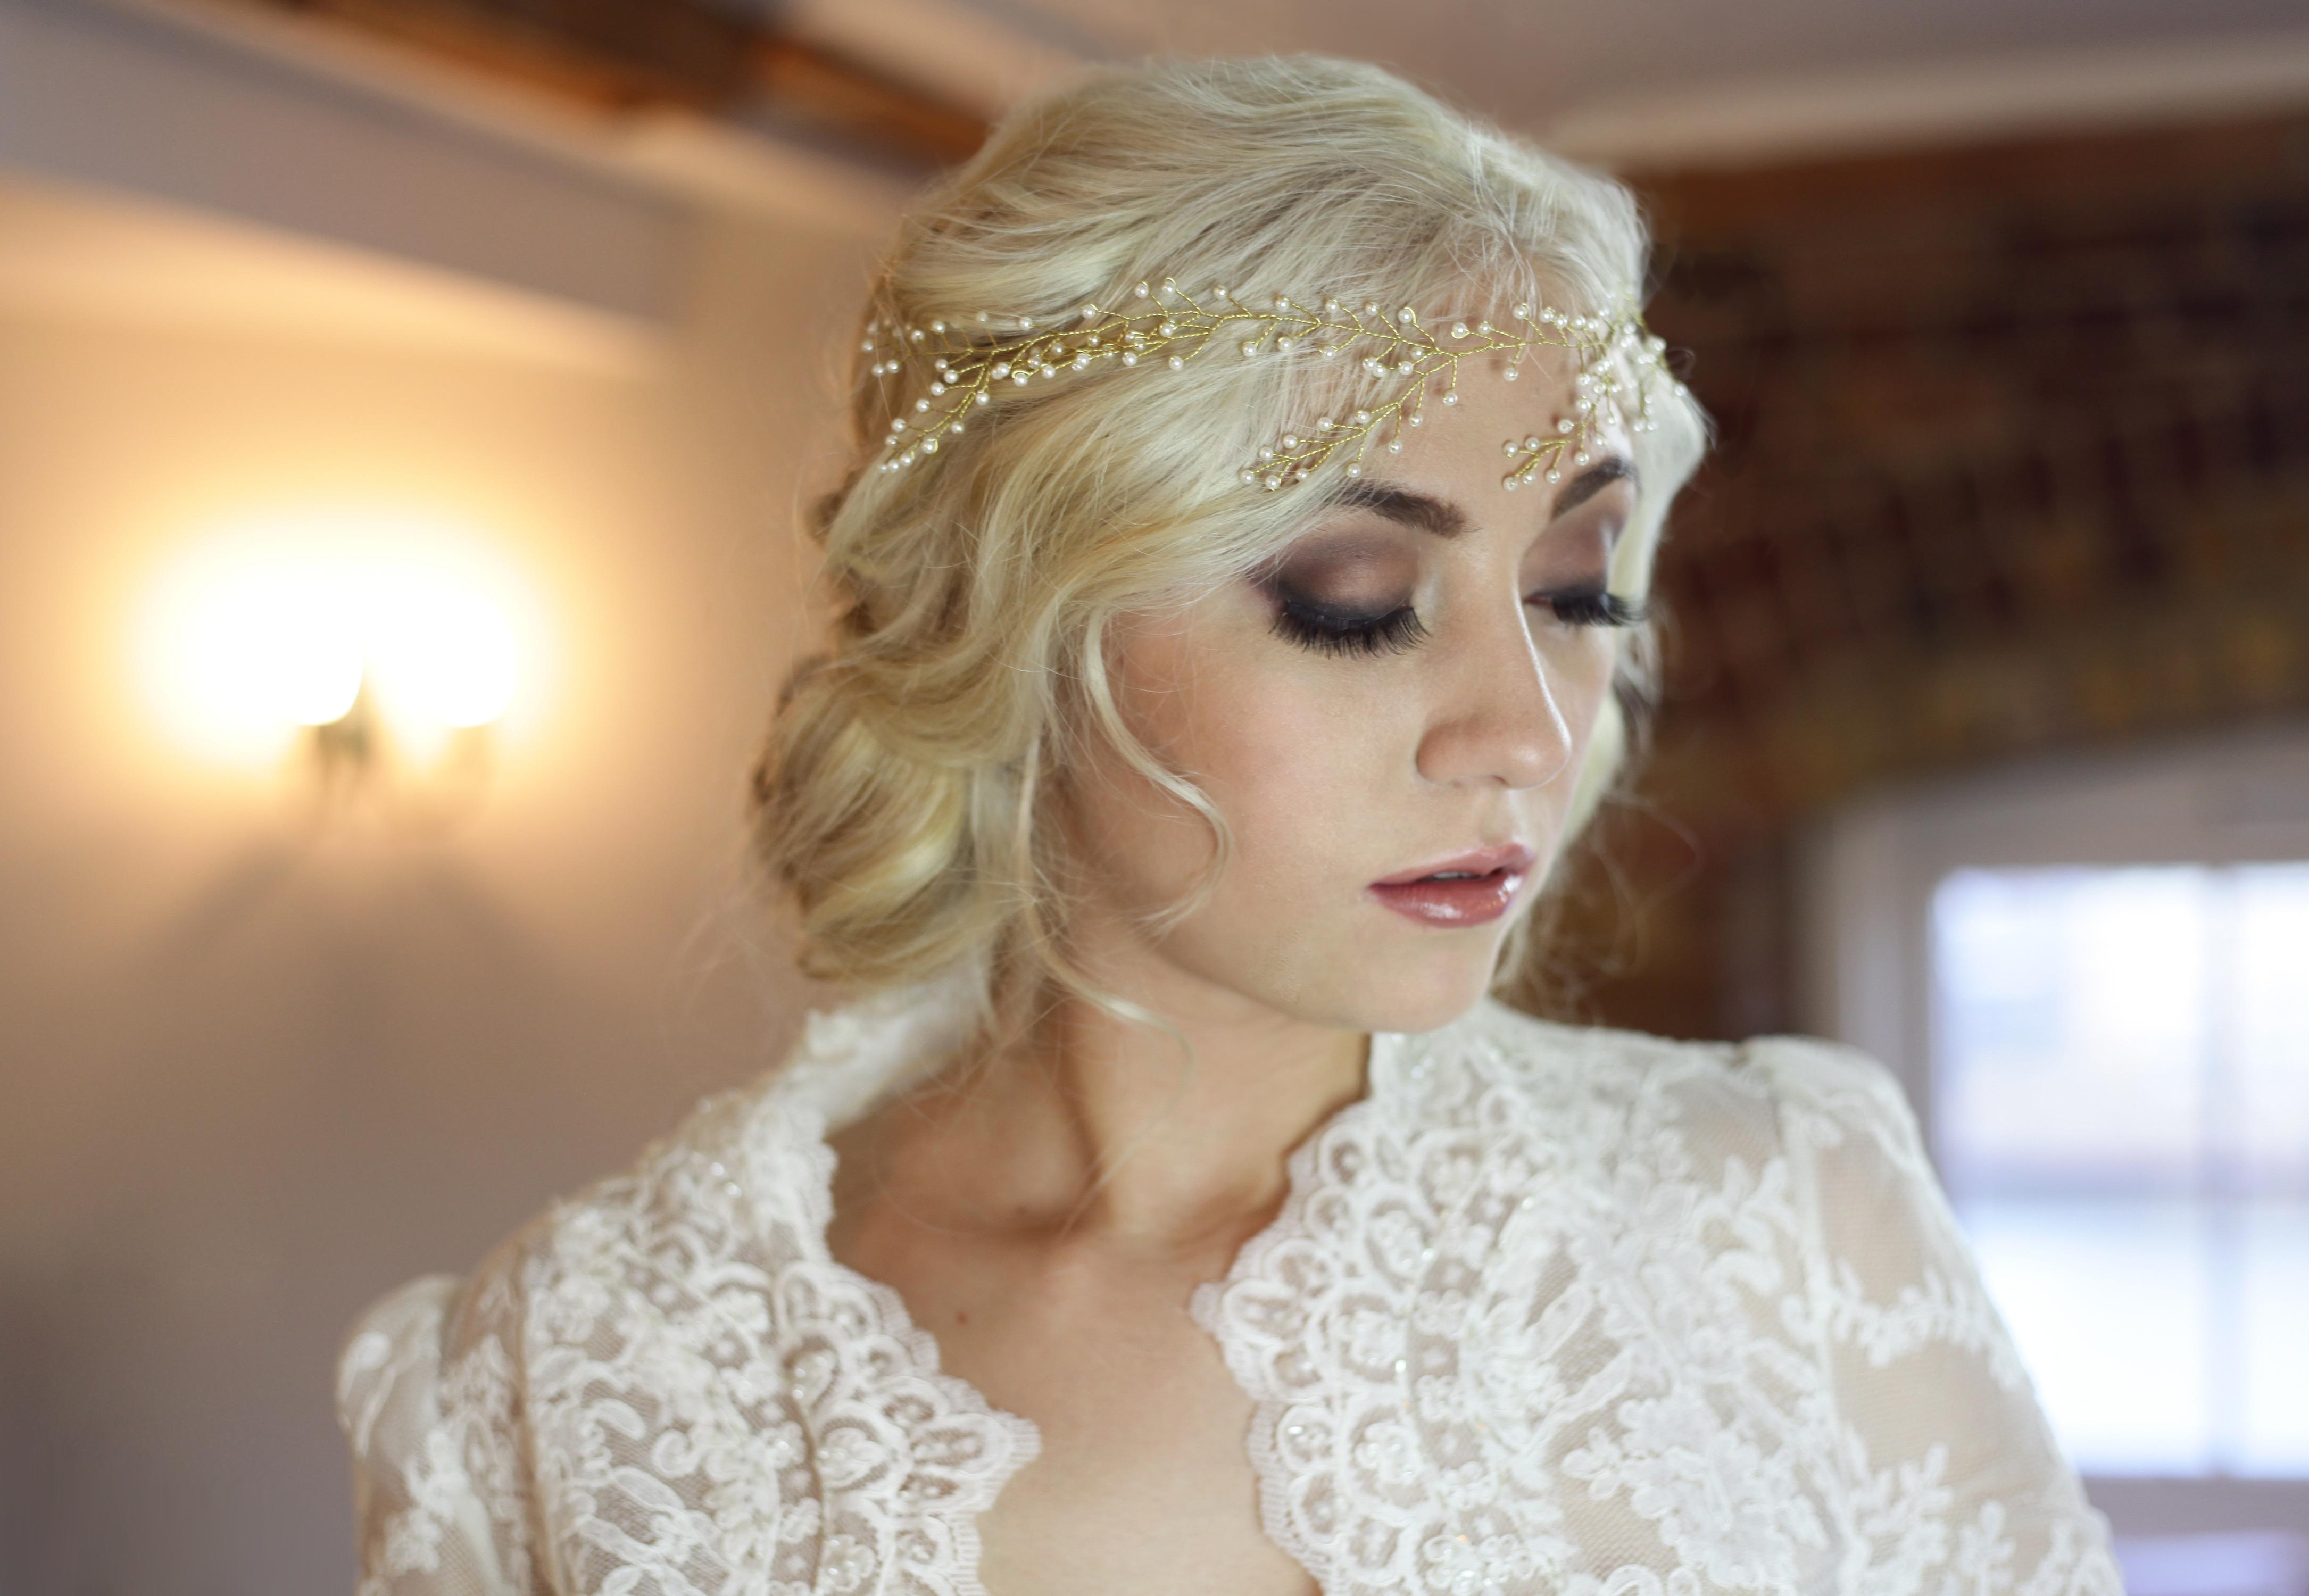 Bridal Hair For Older Brides Wedding Makeup Ideas For Older Brides